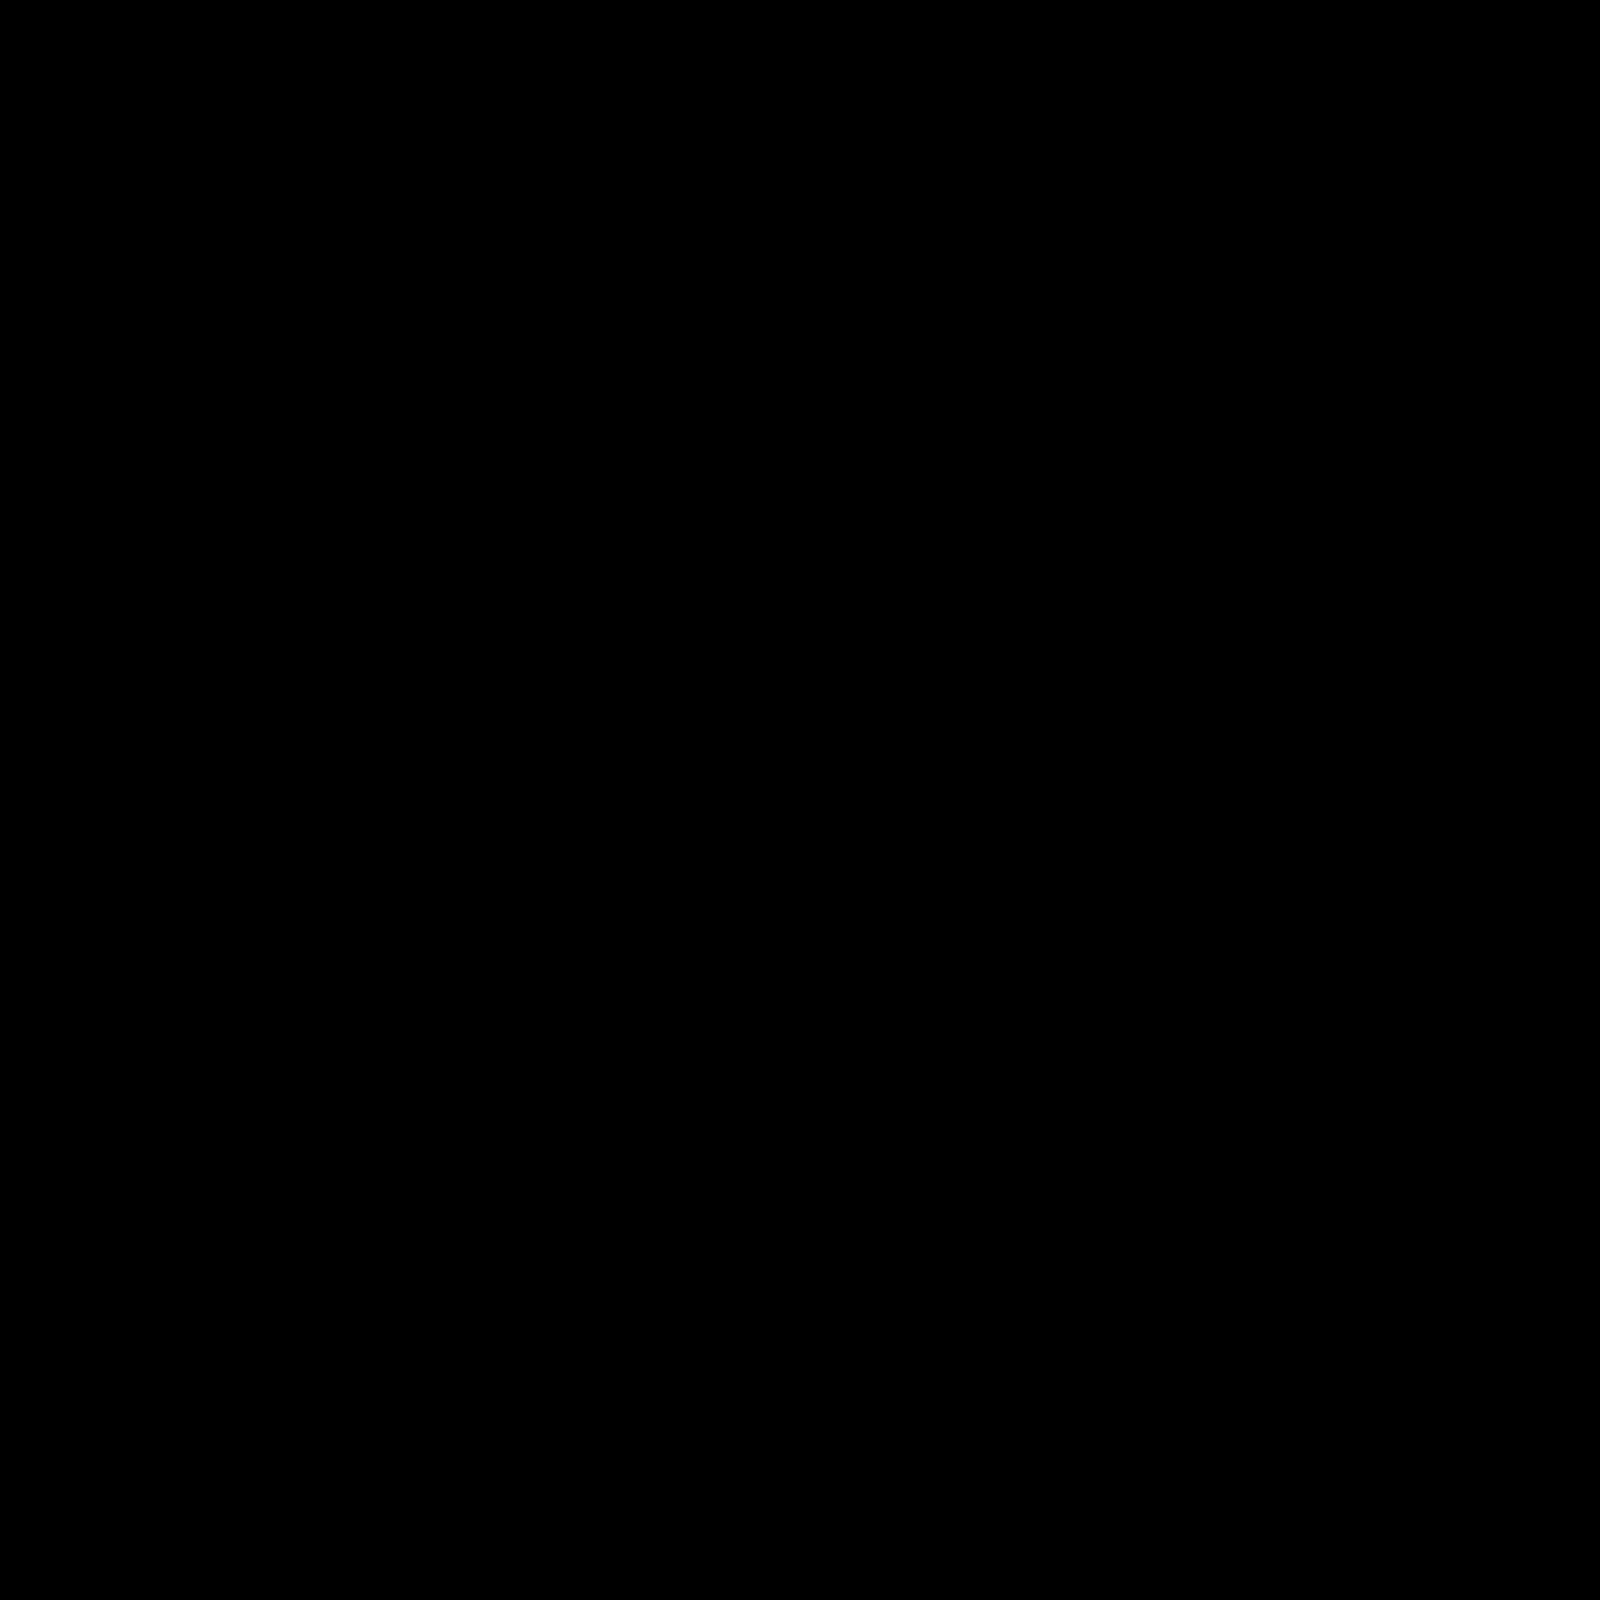 Owerlok icon